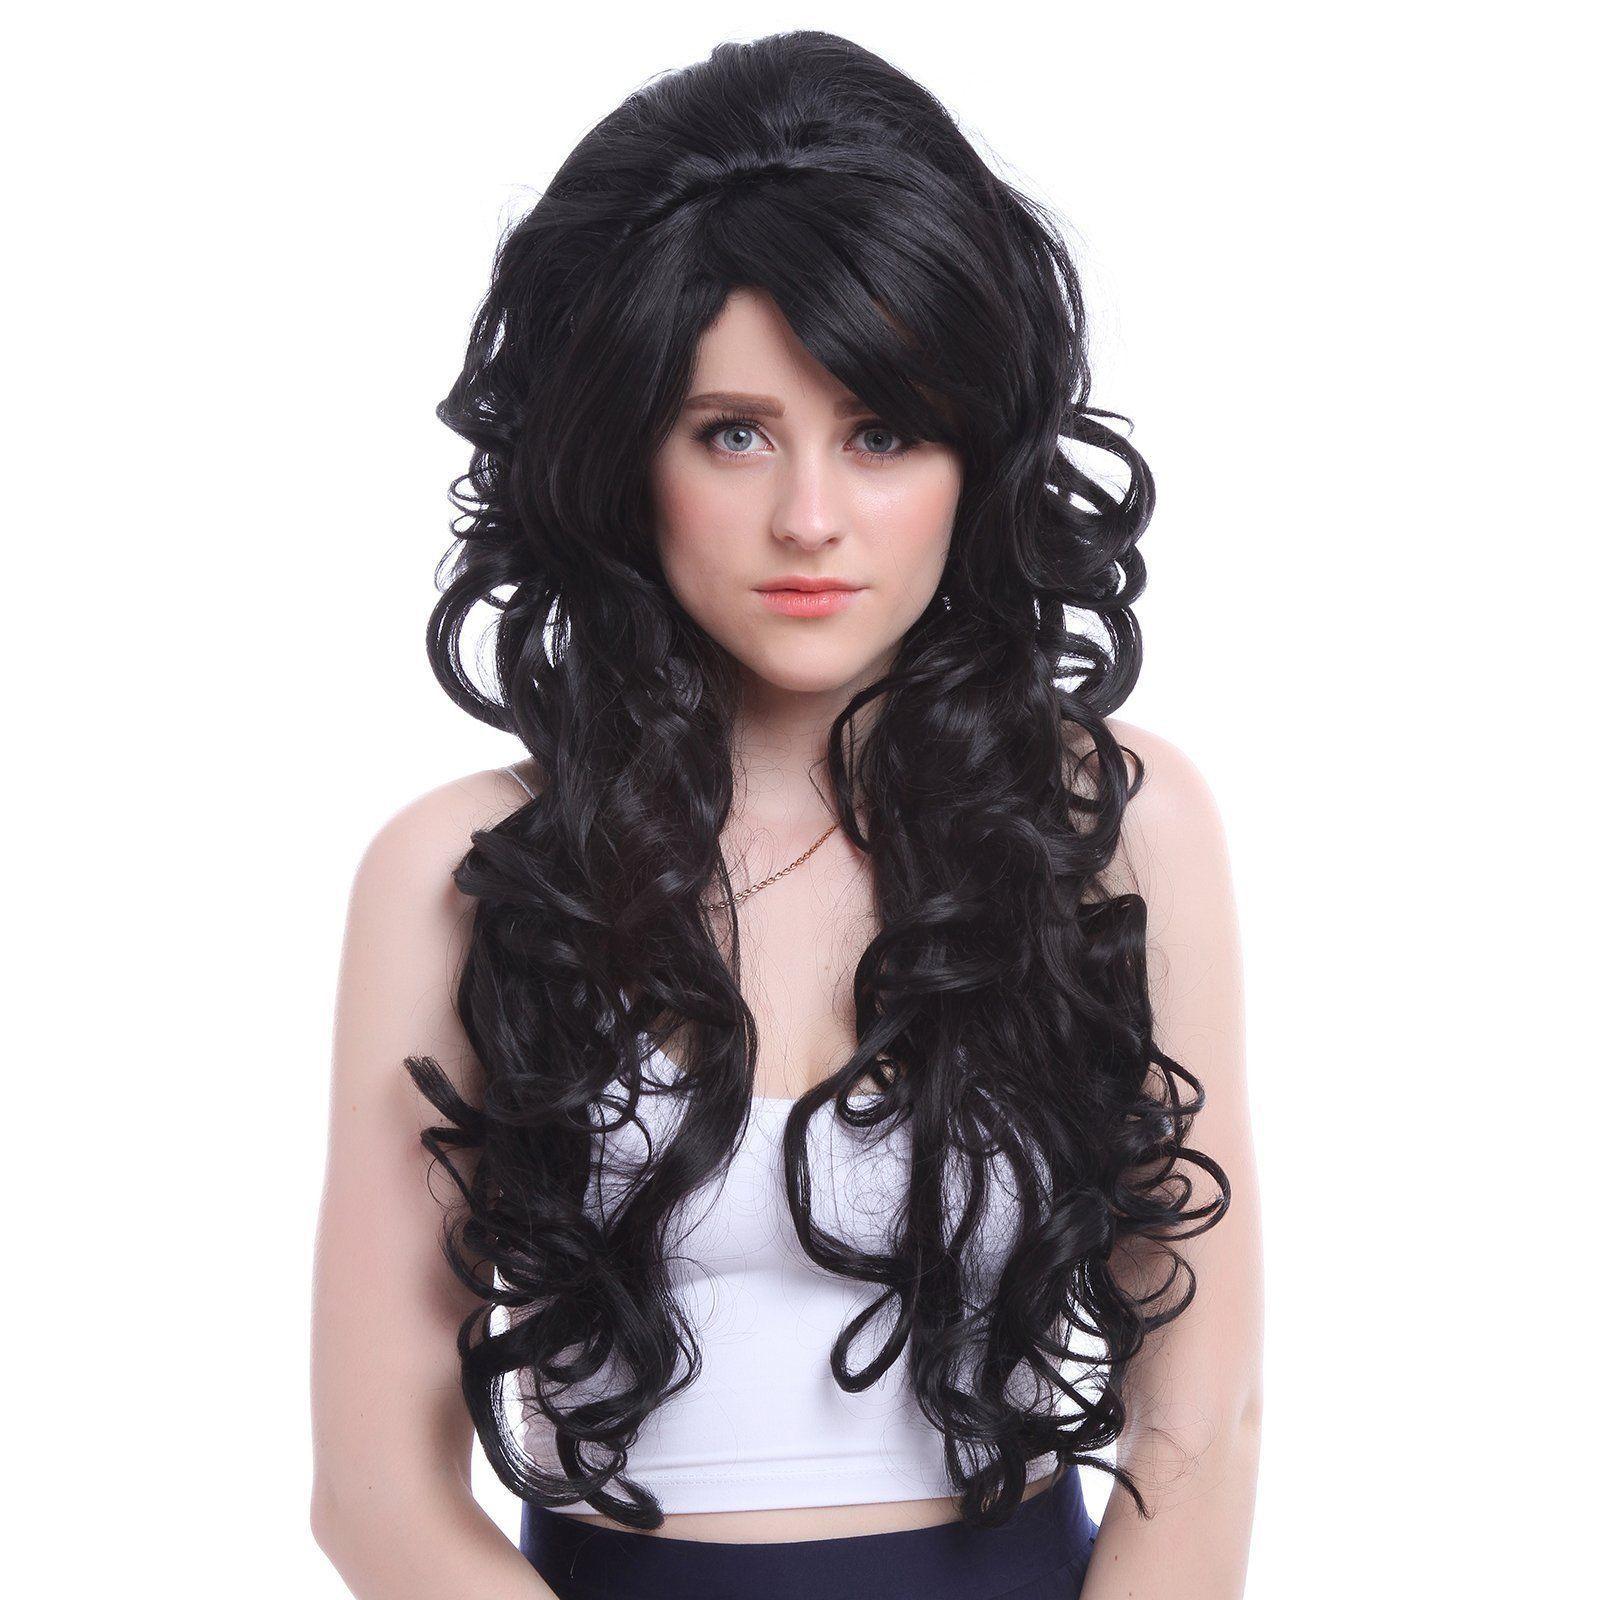 Womens Vampiress Countess Long Wavy Black Banque Party Cosplay Wig